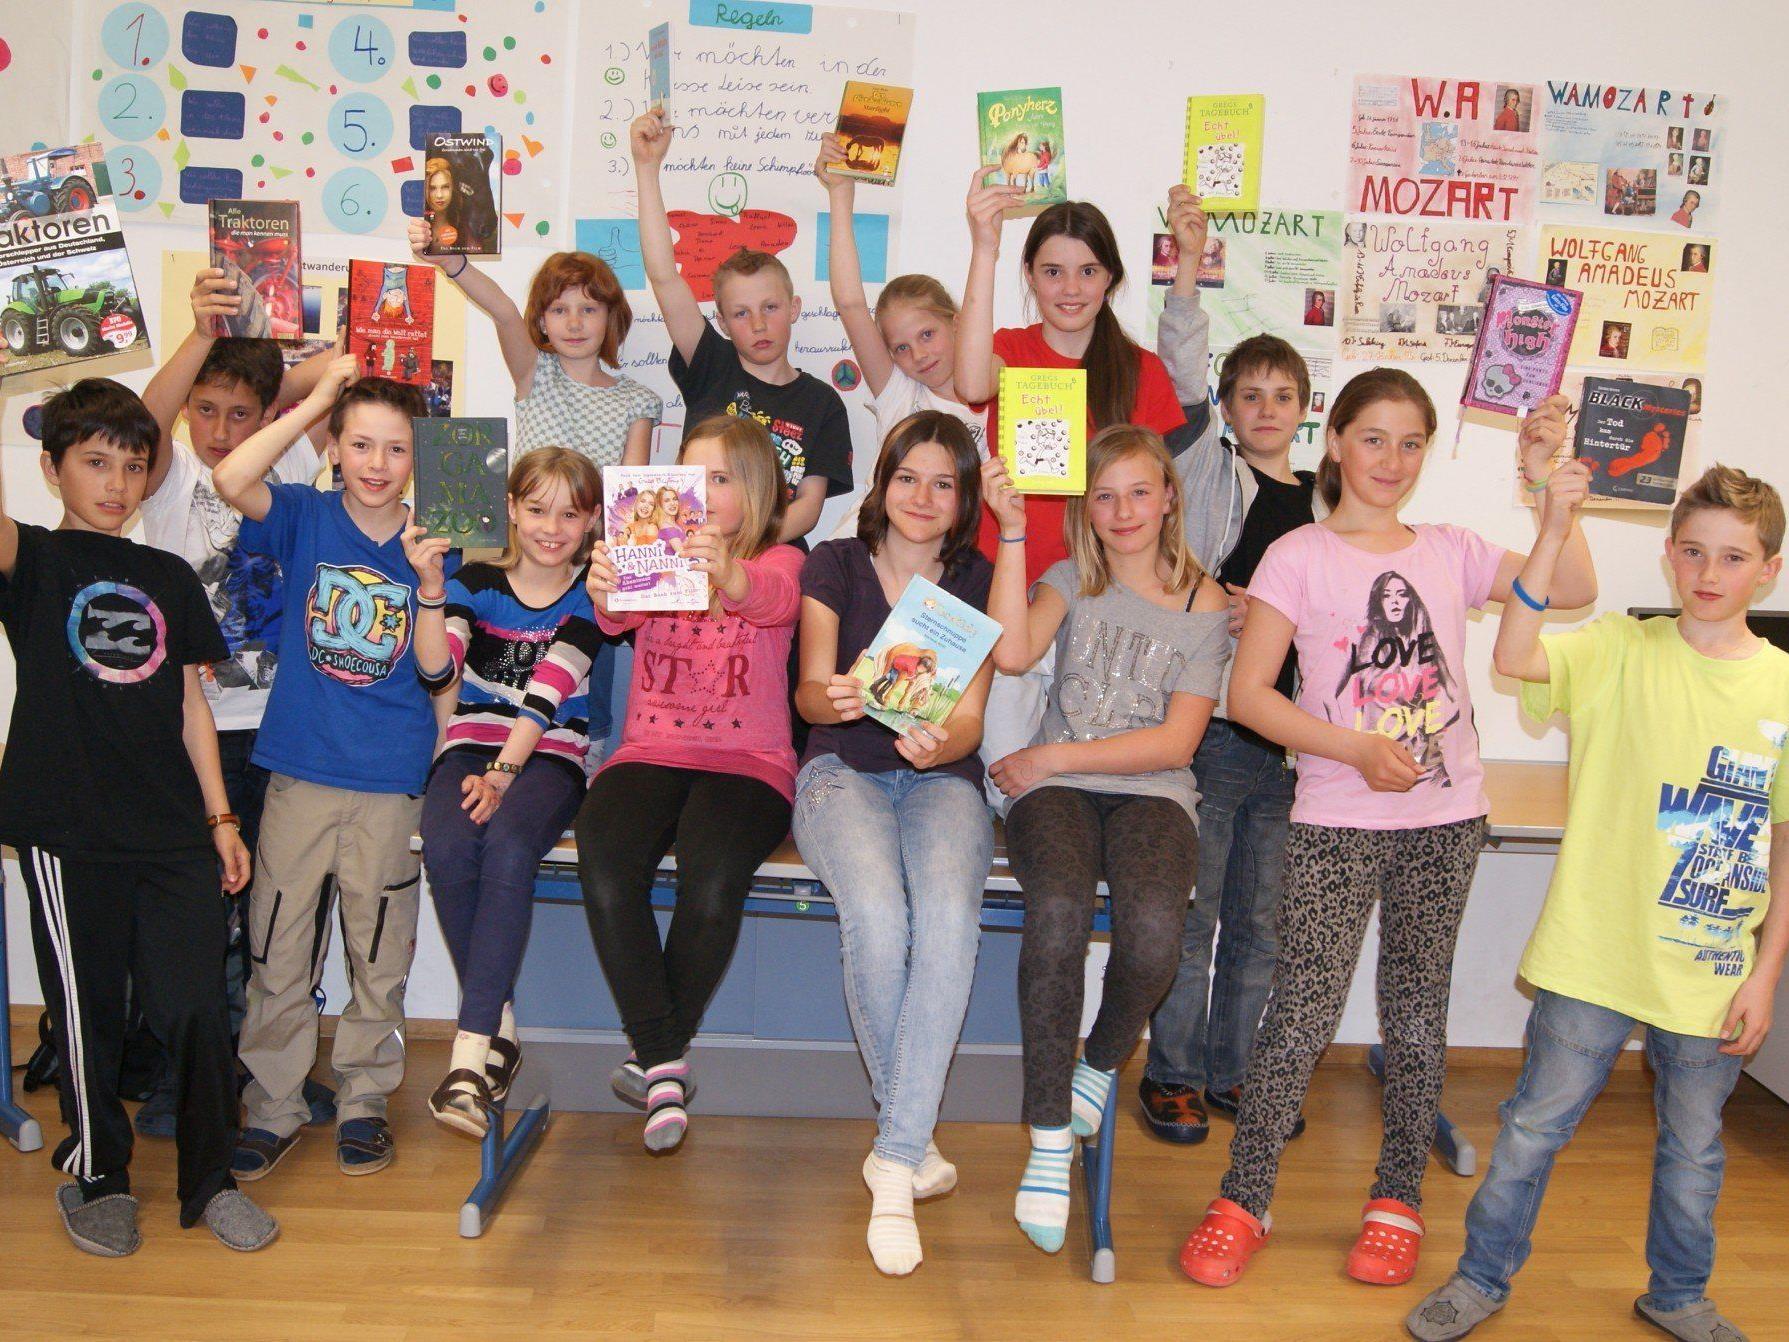 Die Schüler der ersten Klasse mit ihren Lieblingsbüchern